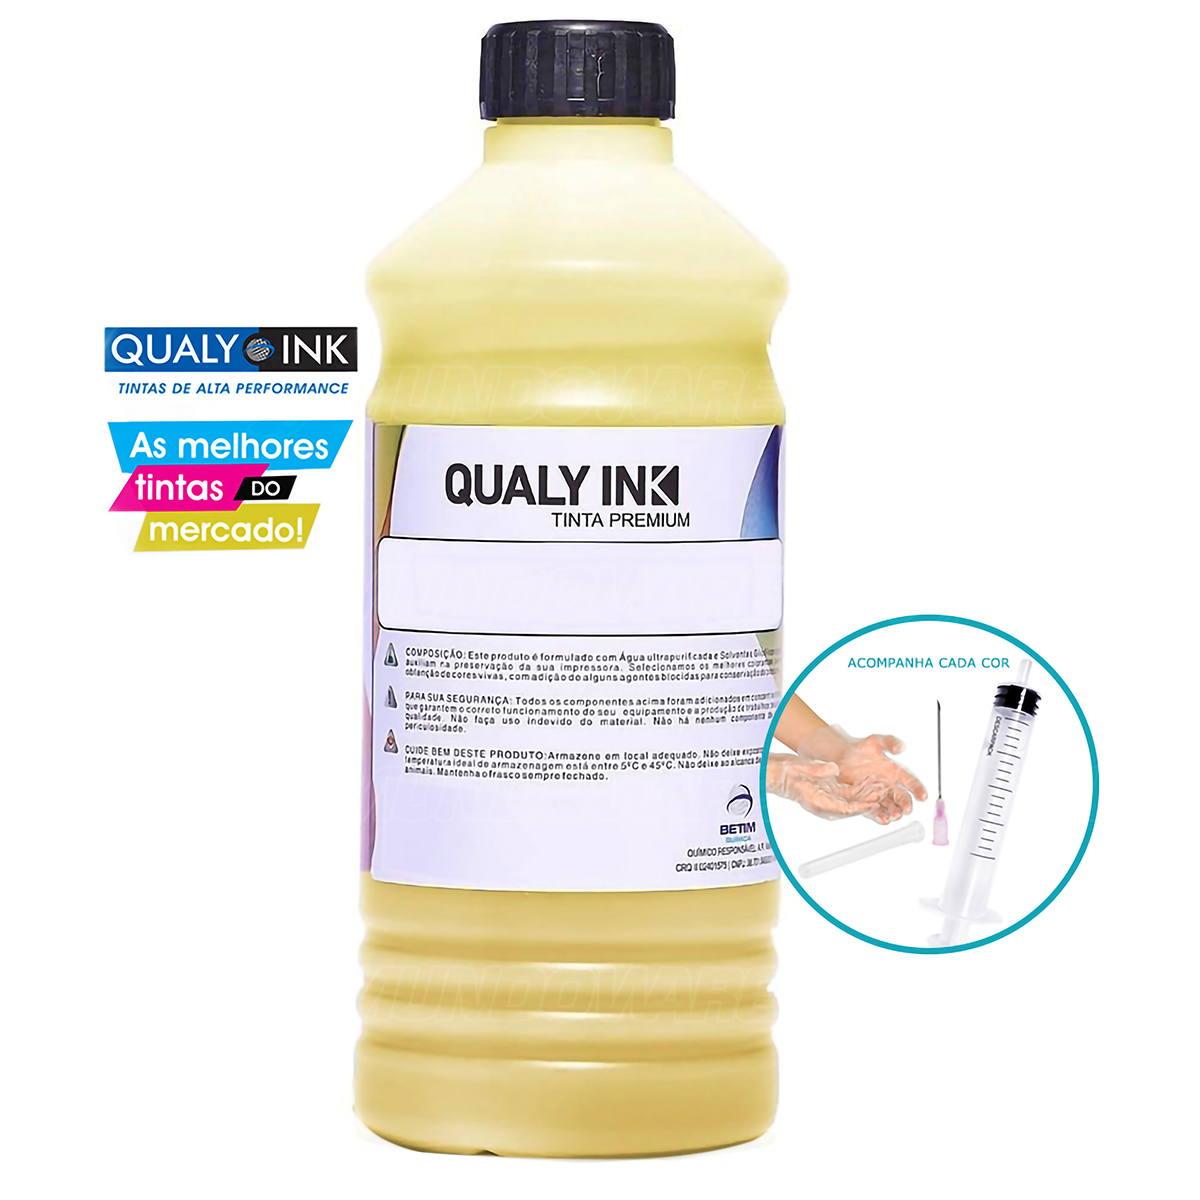 Compatível: Tinta Corante Qualy-Ink YC3E-1514 Série 504 / 544 para Epson L3150 L3110 L4150 L5190 Amarelo 1L